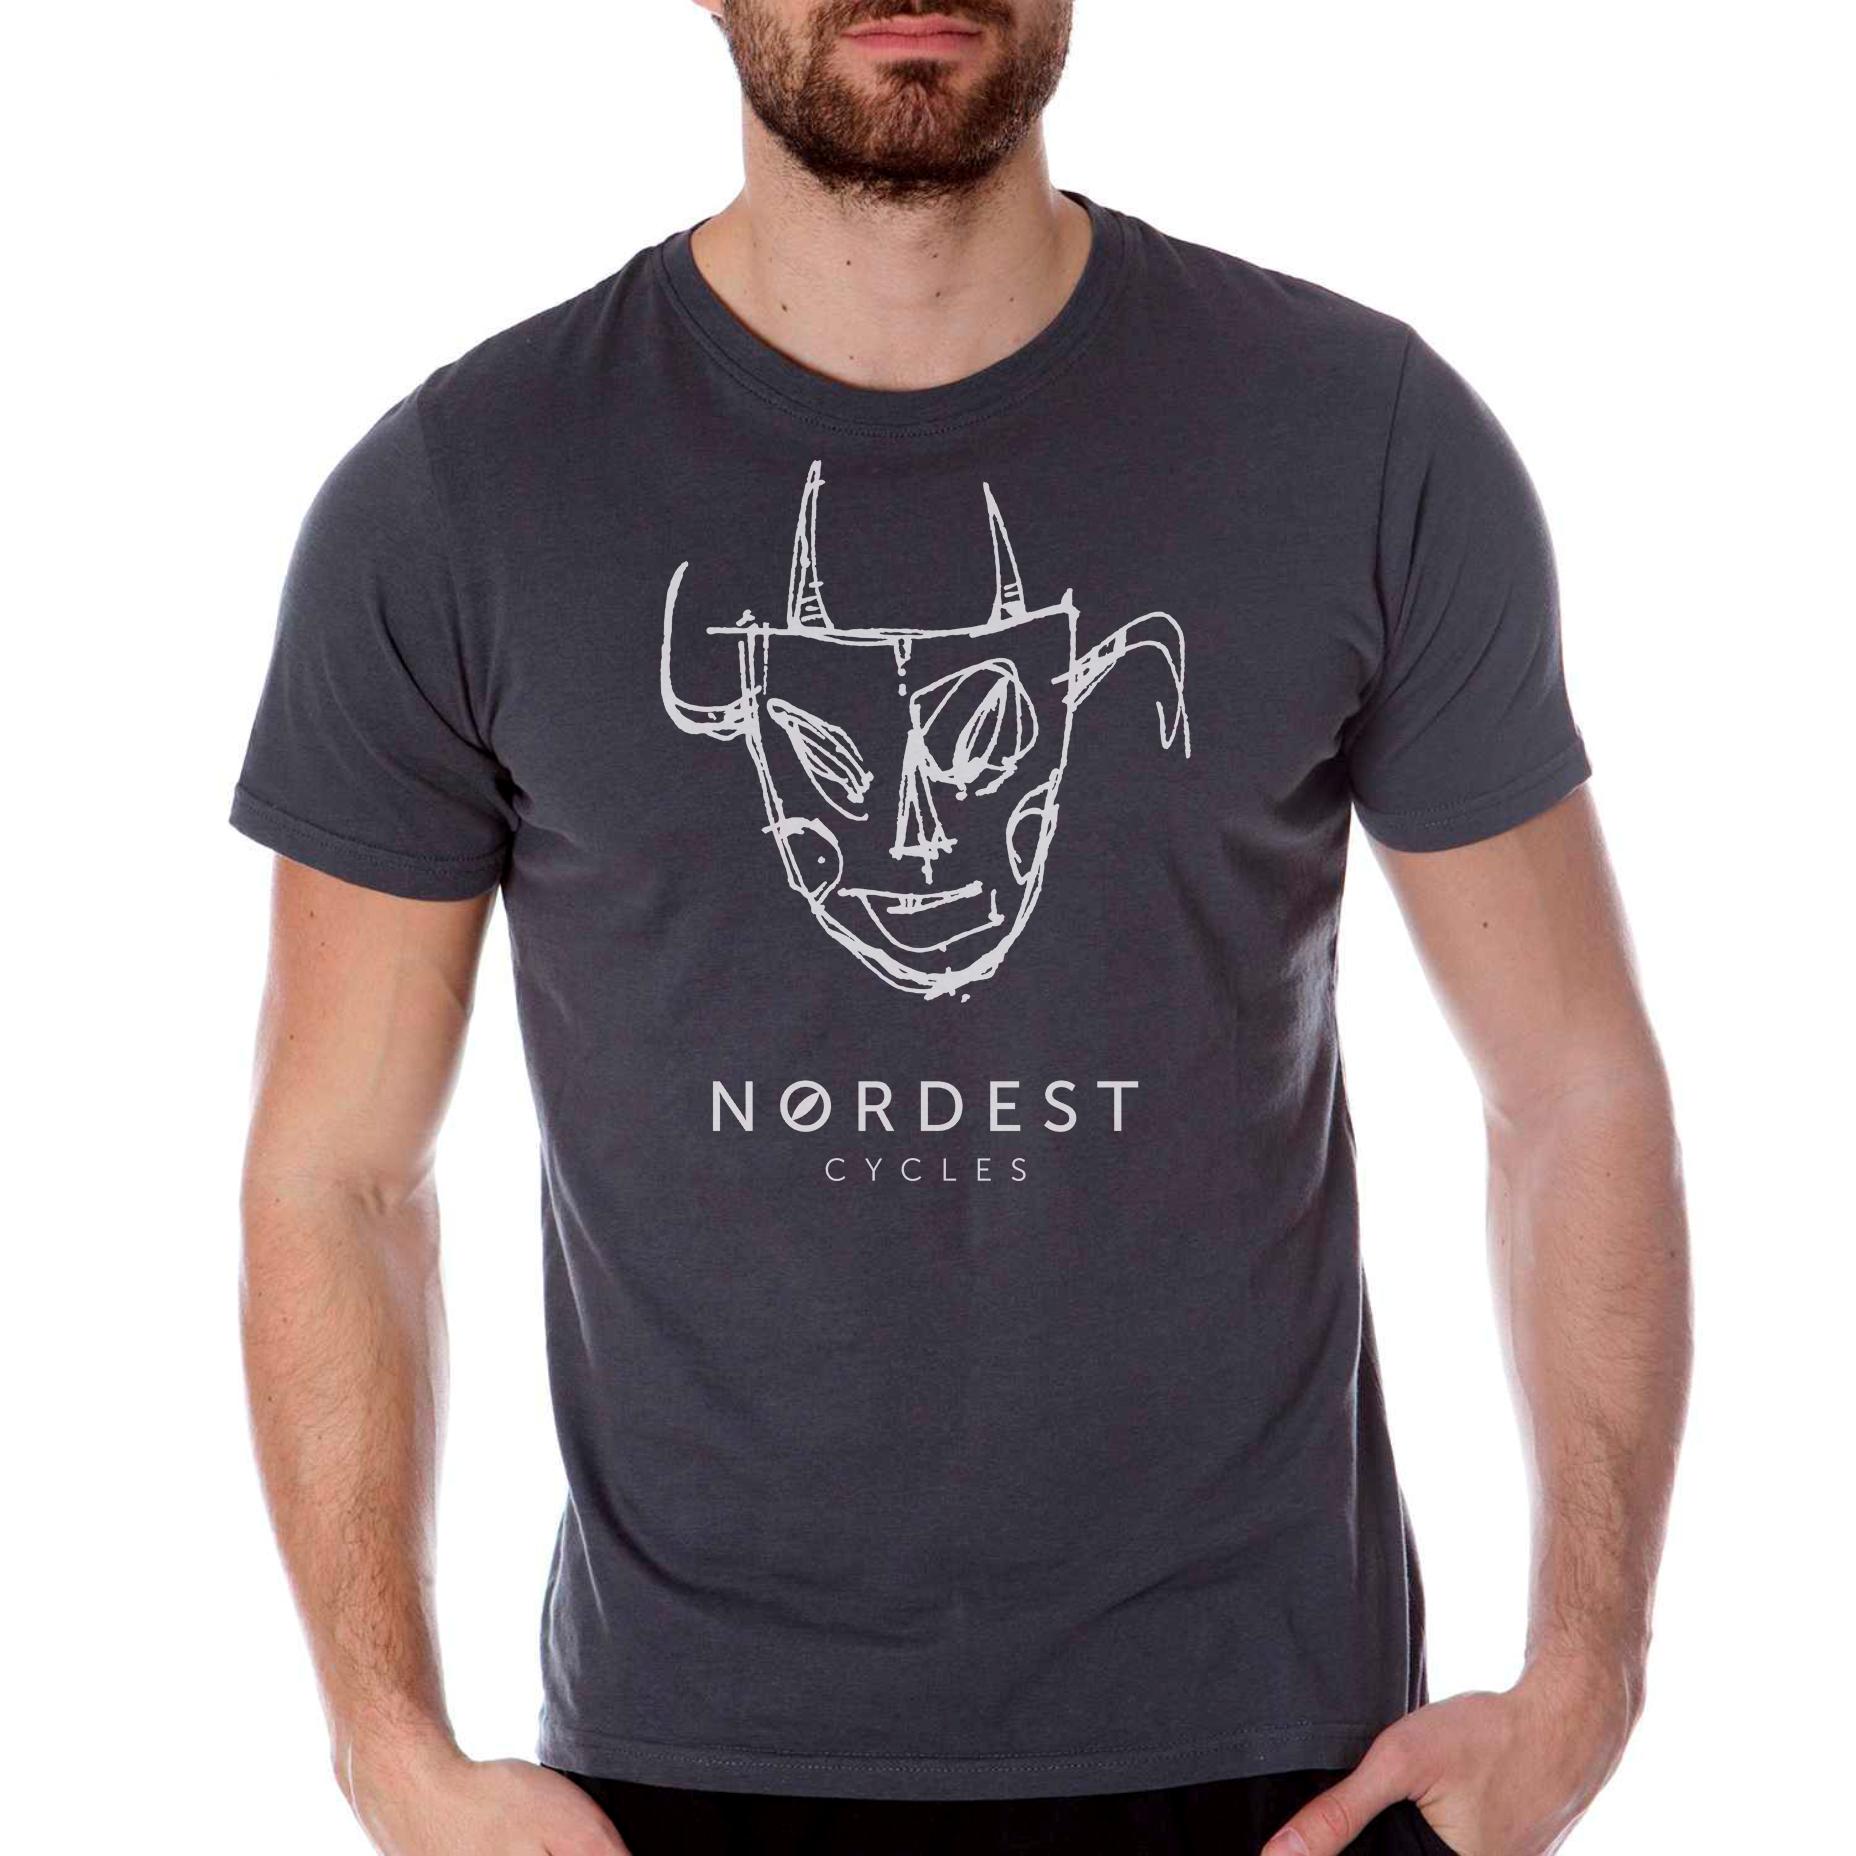 Nordest t-shirt (sketch)